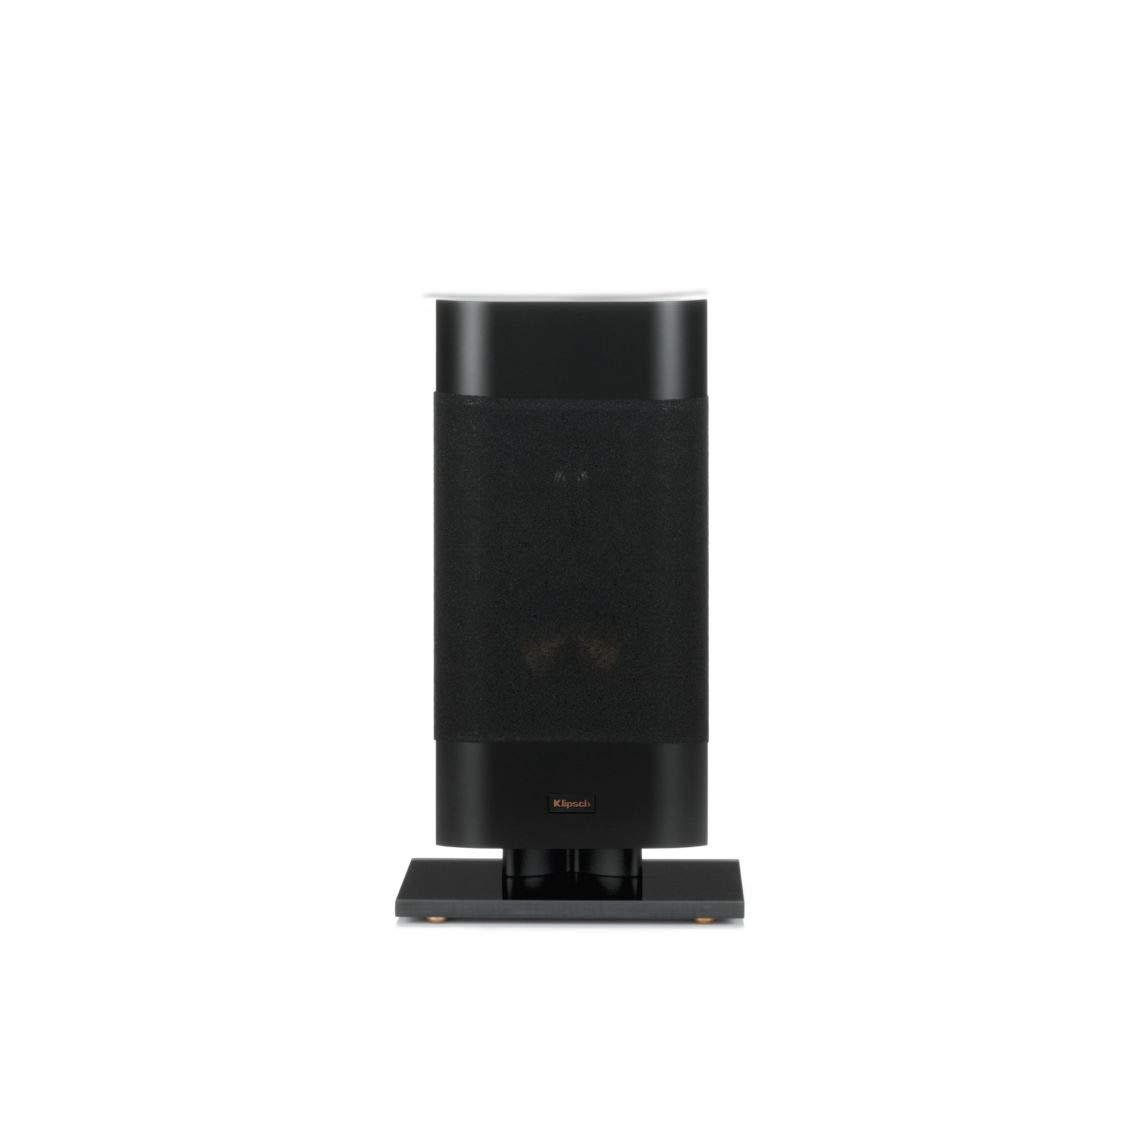 Klipsch RP-140D Black Surround Home Speaker Matte Black